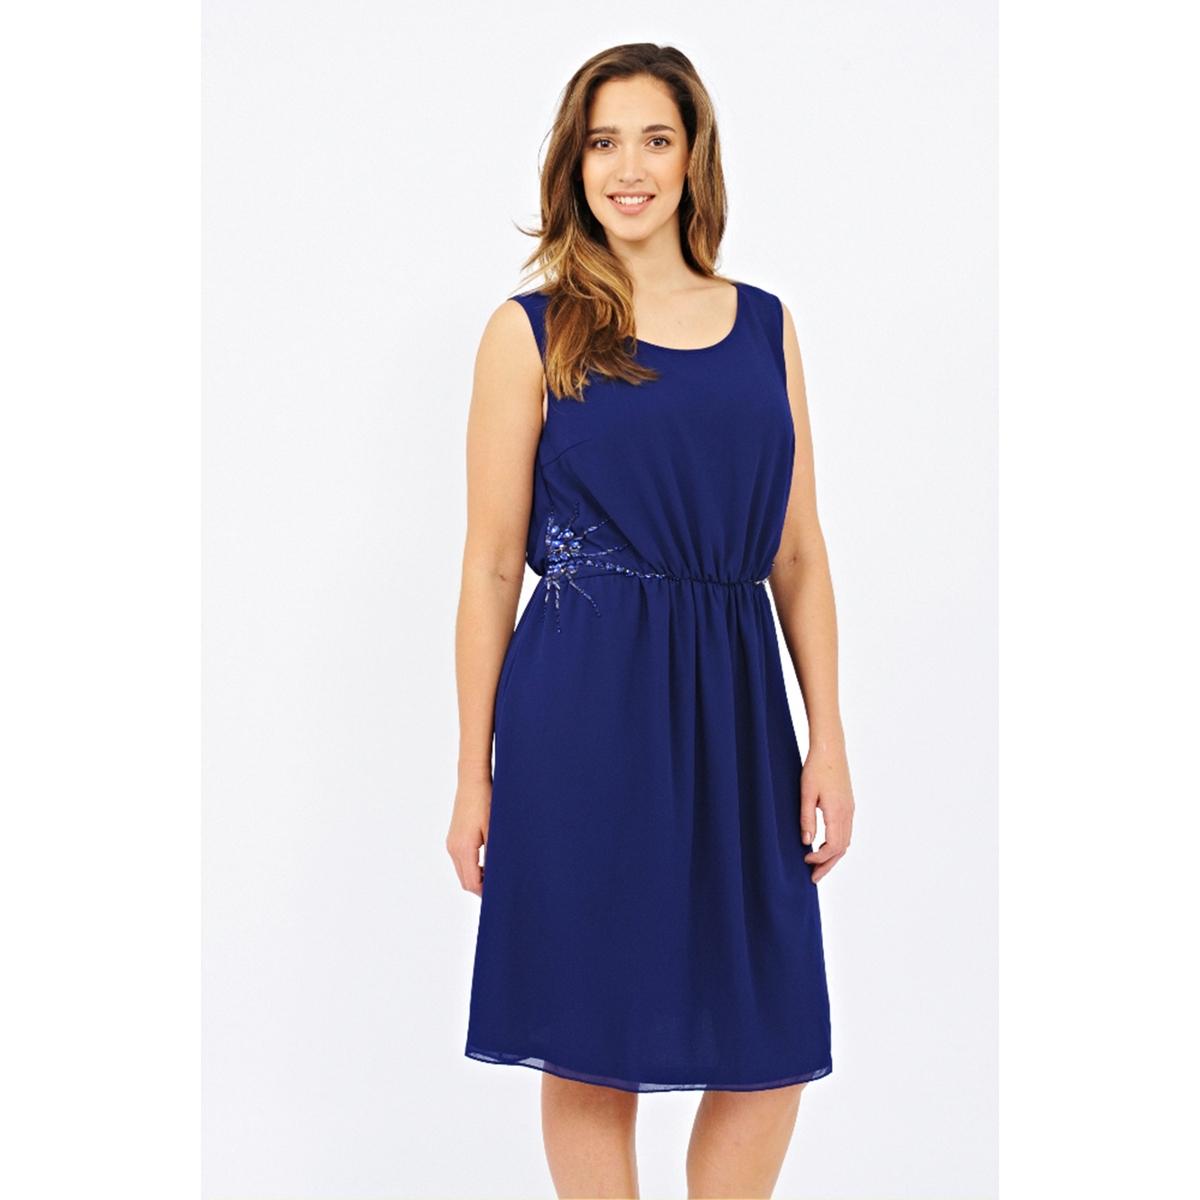 ПлатьеПлатье без рукавов - LOVEDROBE. Круглый вырез. Декоративные вставки сбоку. Длина ок.104 см. 100% полиэстера.<br><br>Цвет: темно-синий